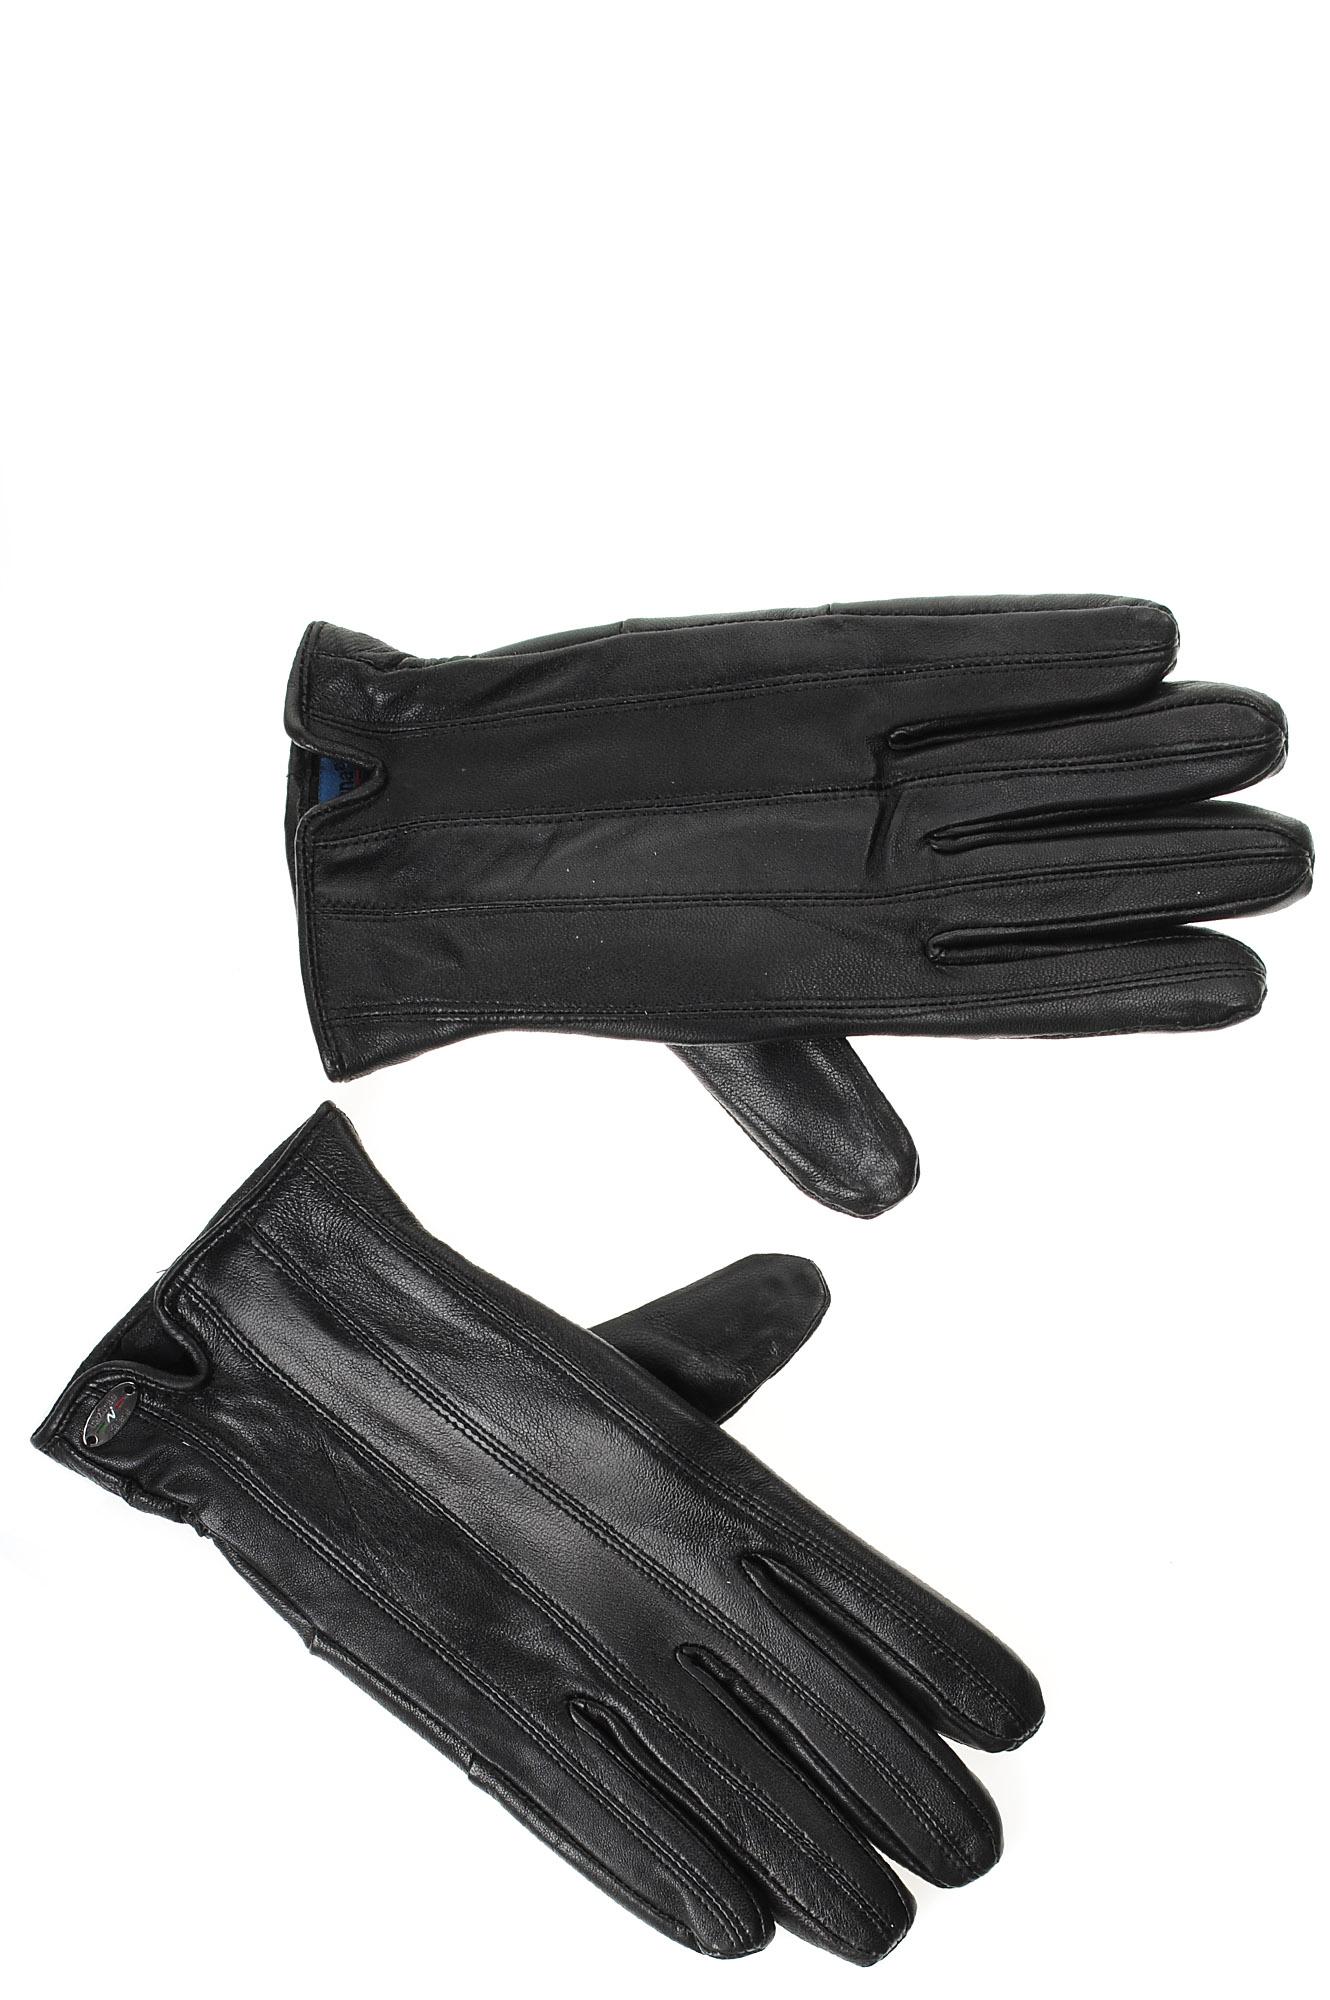 Ανδρικά Δερμάτινα Γάντια Brandbags Collection NIG012 ανδρας   αντρικό γάντι